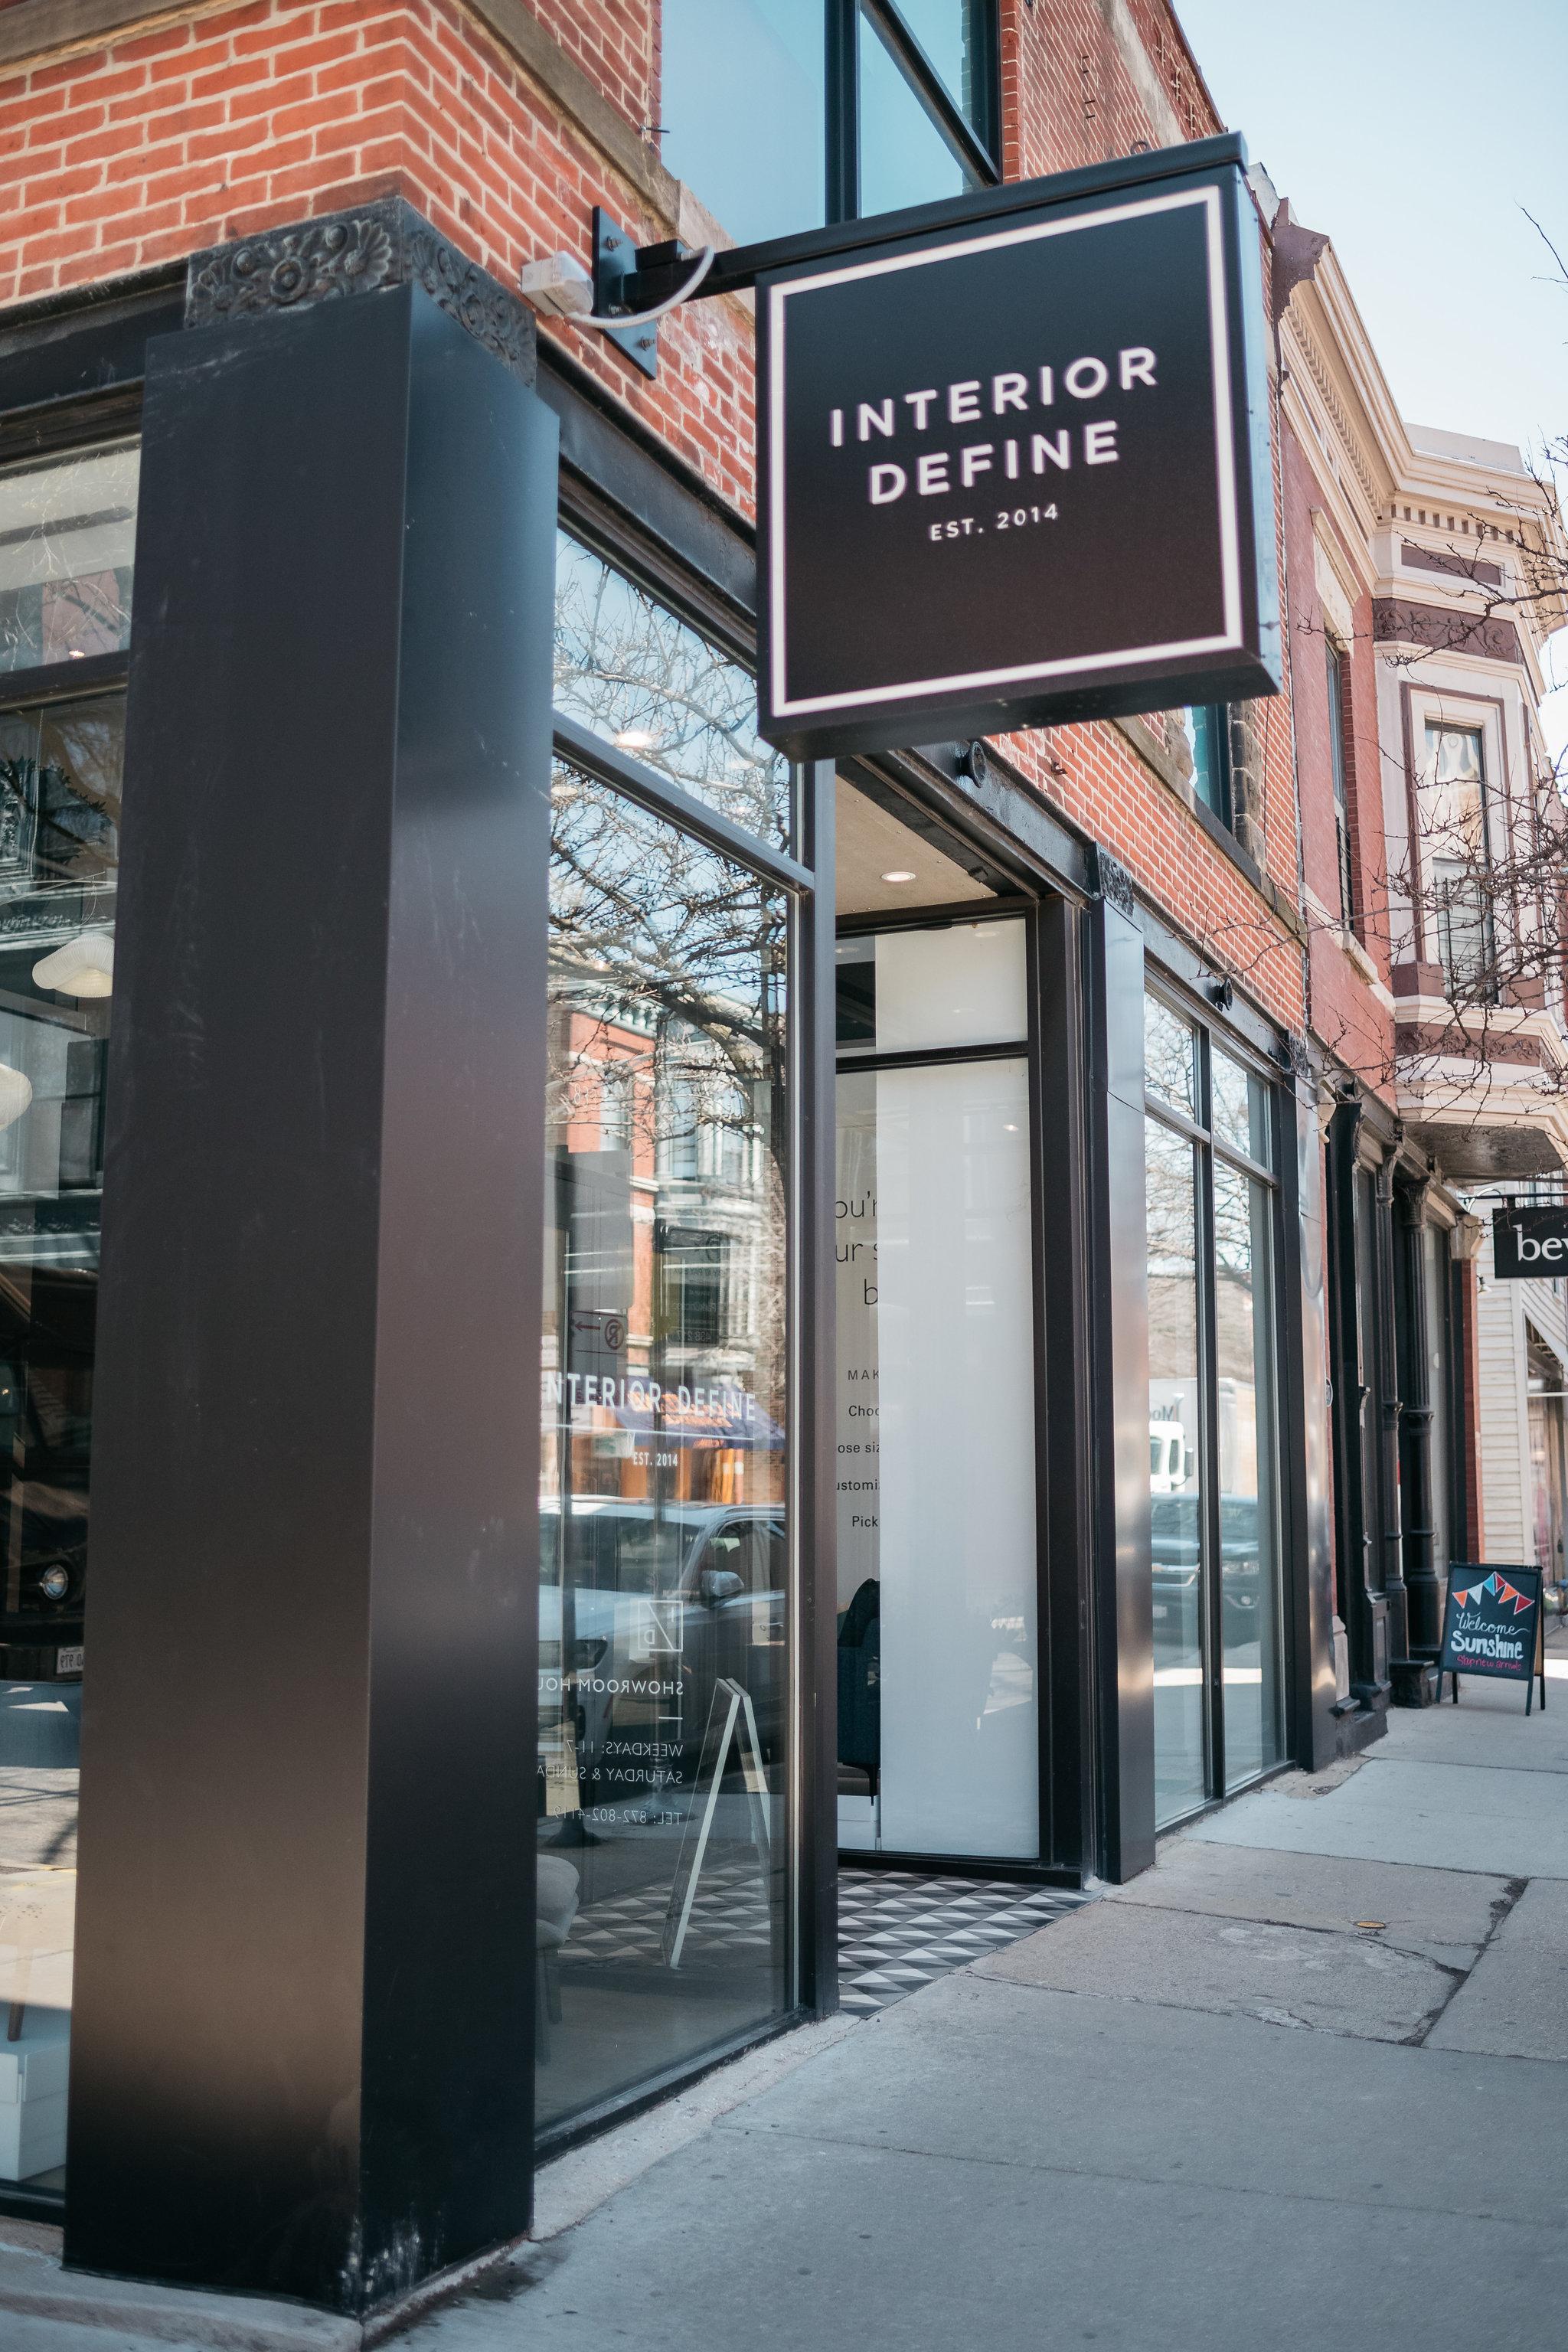 Interior Define Chicago Location On Armitage Avenue